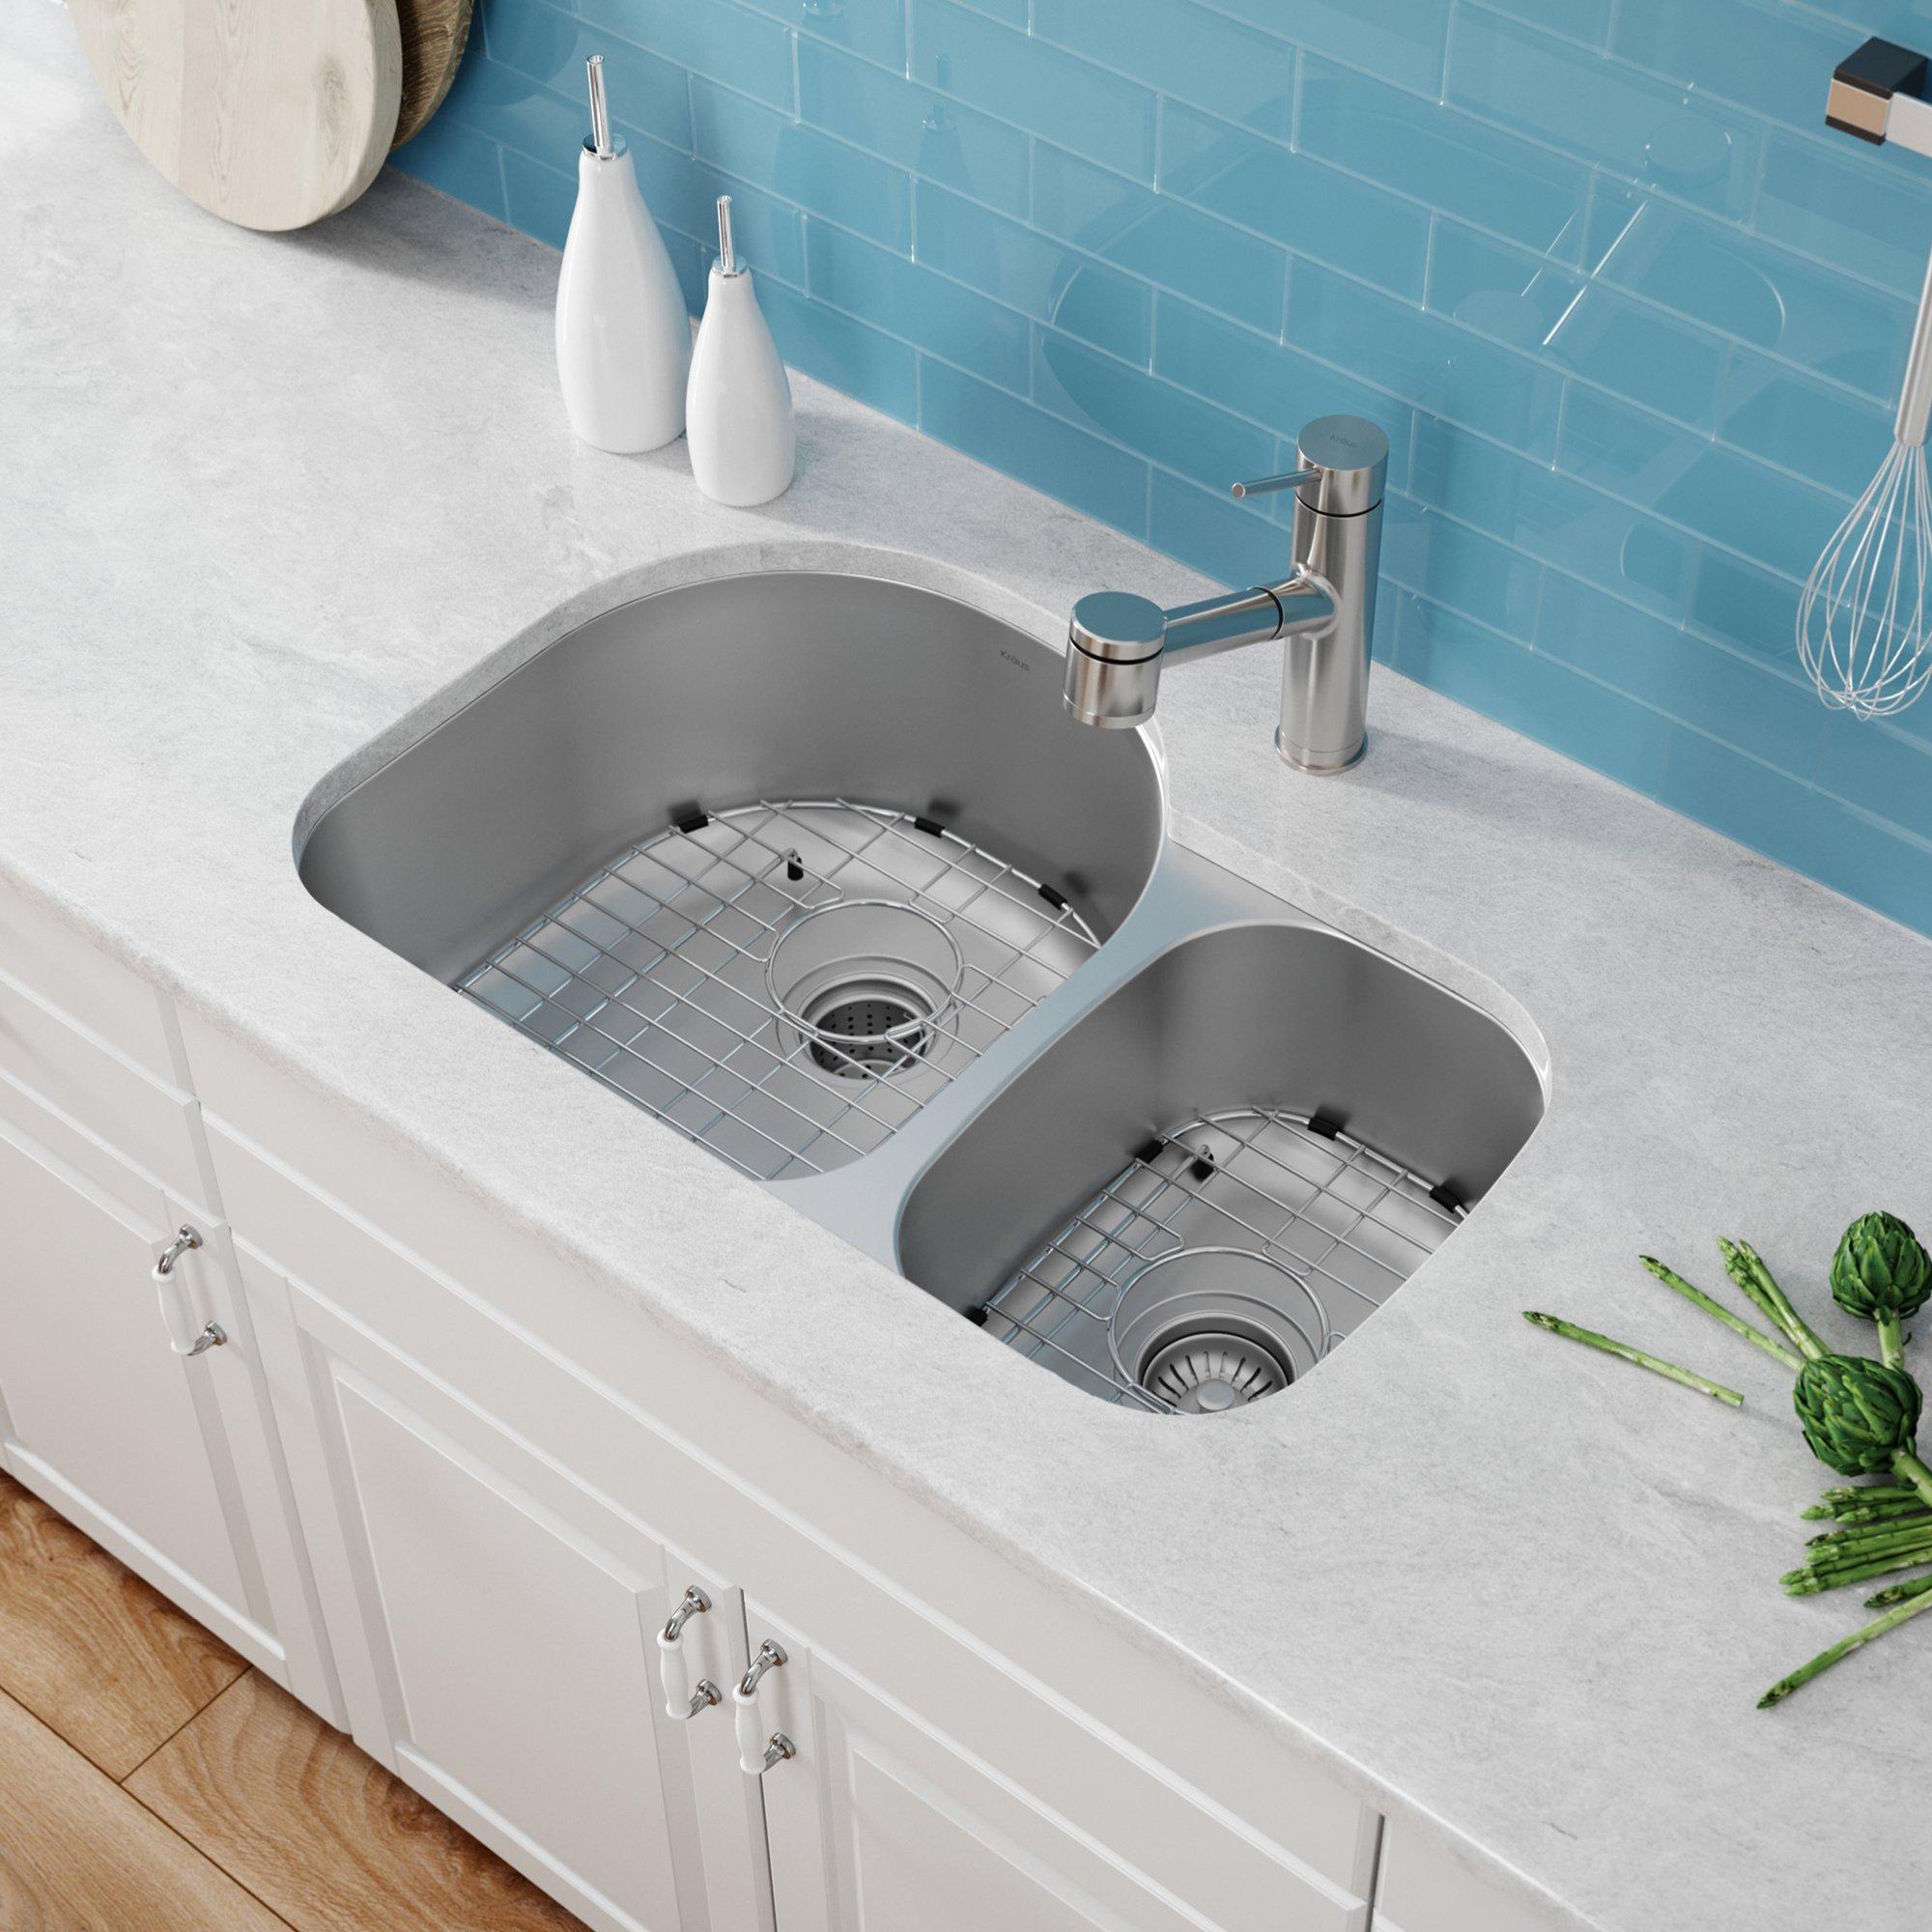 Kraus KBU21 30 inch Undermount 60/40 Double Bowl 16 gauge Stainless Steel Kitchen Sink by Kraus (Image #3)